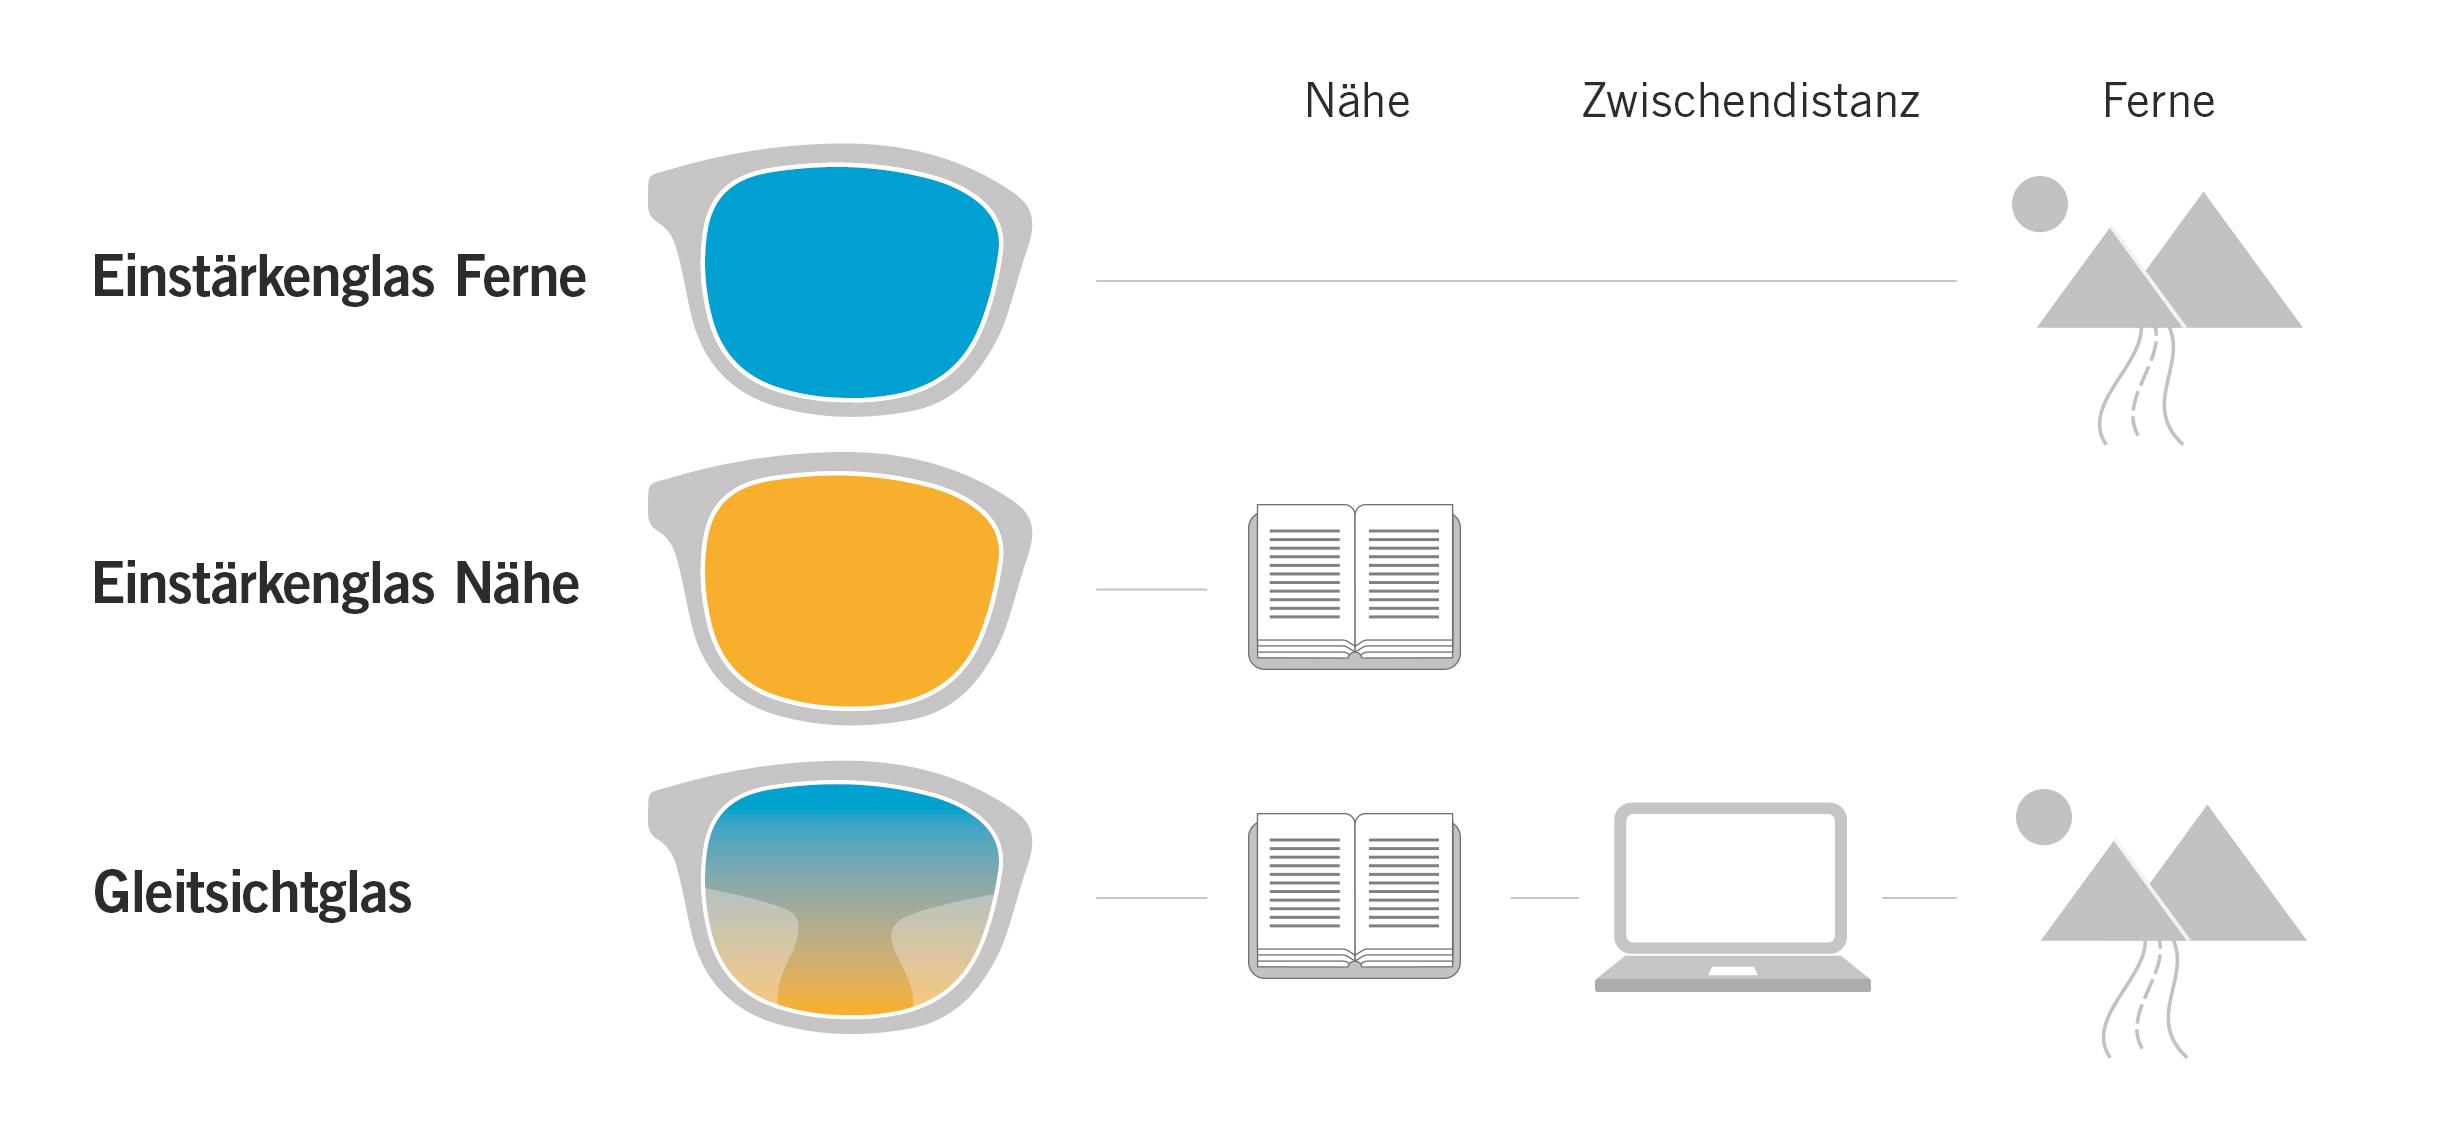 detaillierter Blick der Verkauf von Schuhen USA billig verkaufen Gleitsichtbrillen online kaufen bei Mister Spex Schweiz